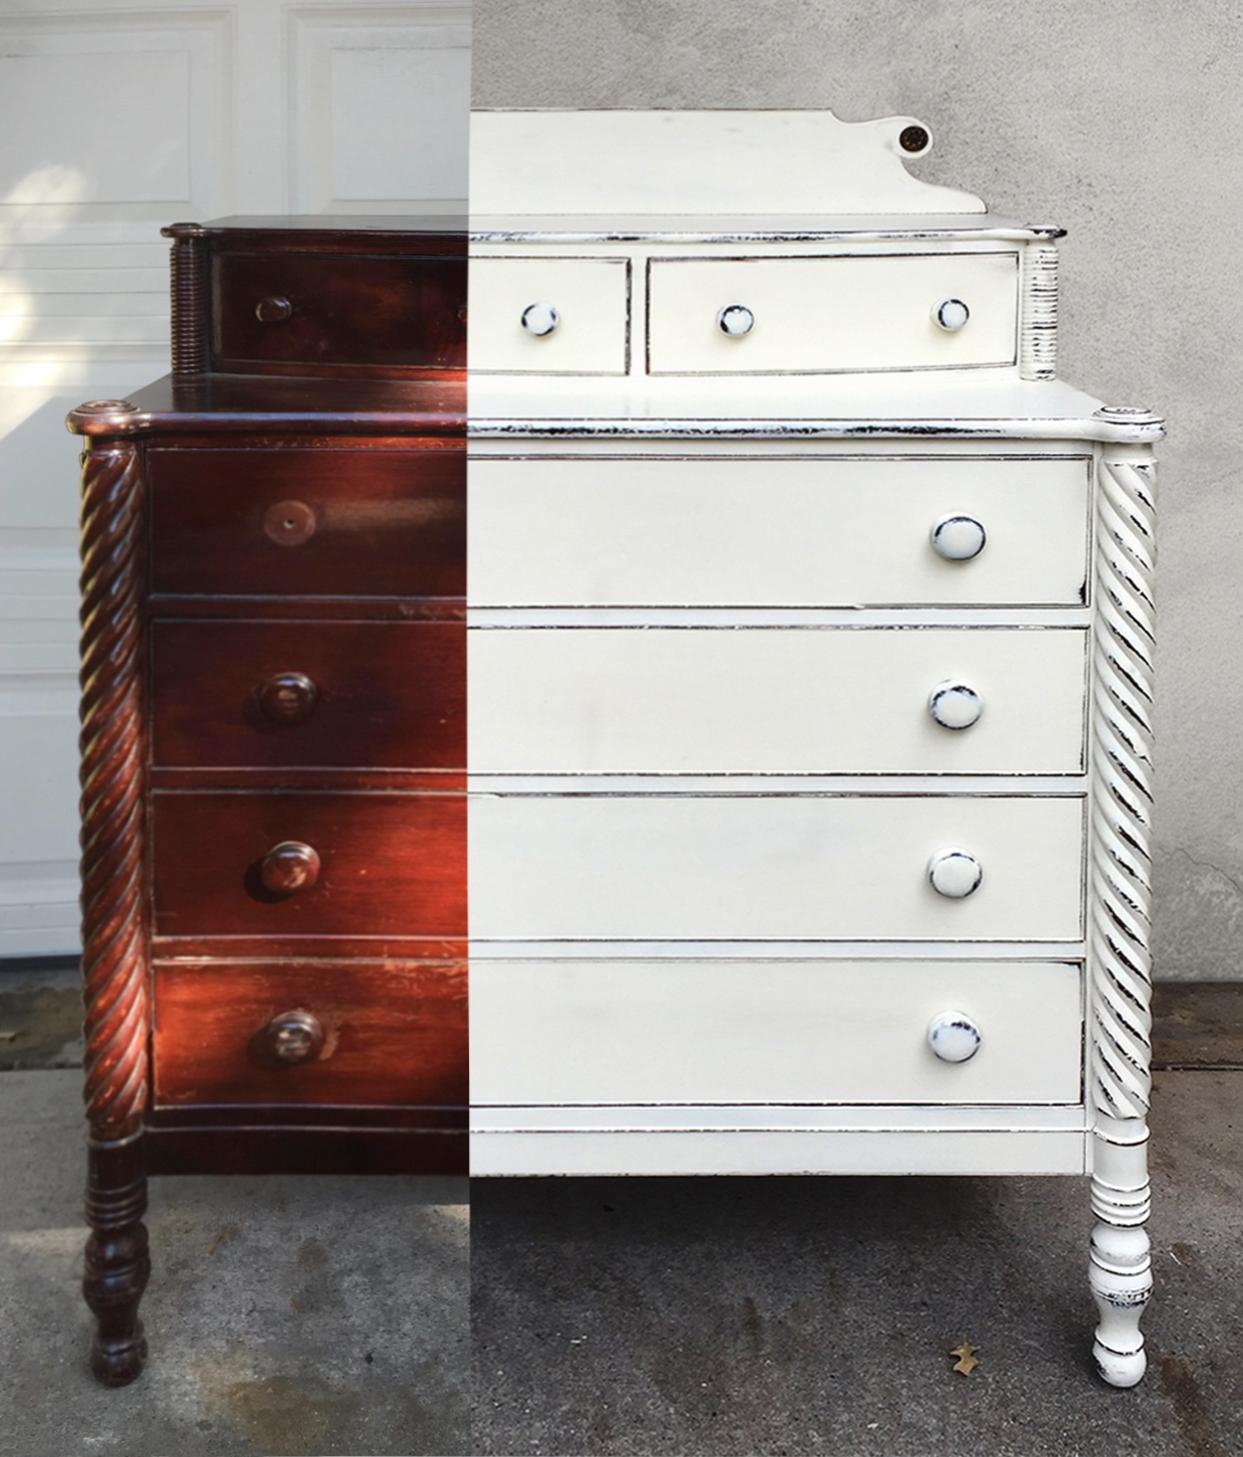 crimson + oak designs | white bedroom set BEFORE & AFTER.jpg